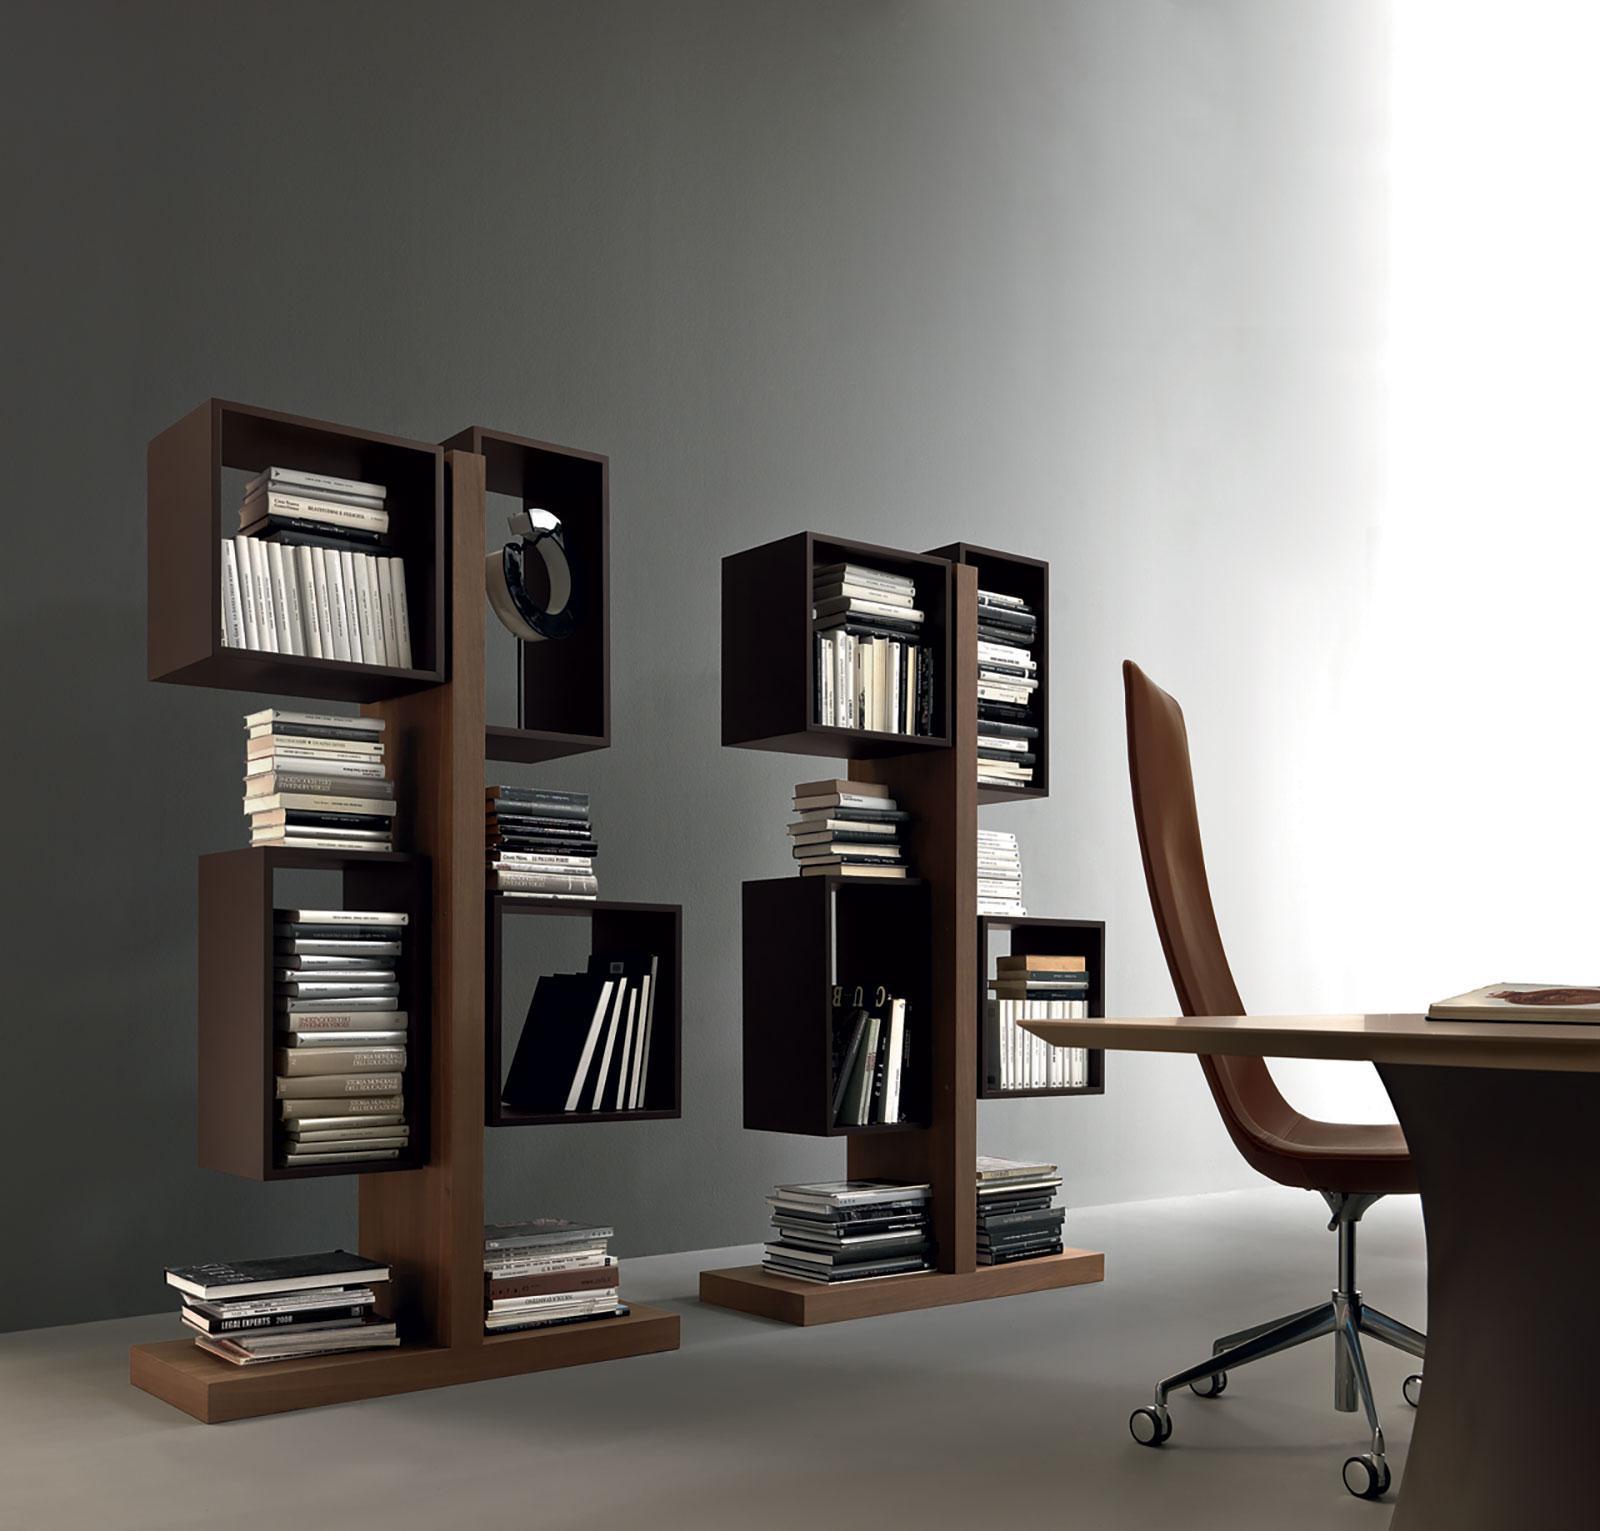 Meuble Biblioth Que Haut De Gamme Vente En Ligne Italy Dream  # Meuble Bibliotheque Design